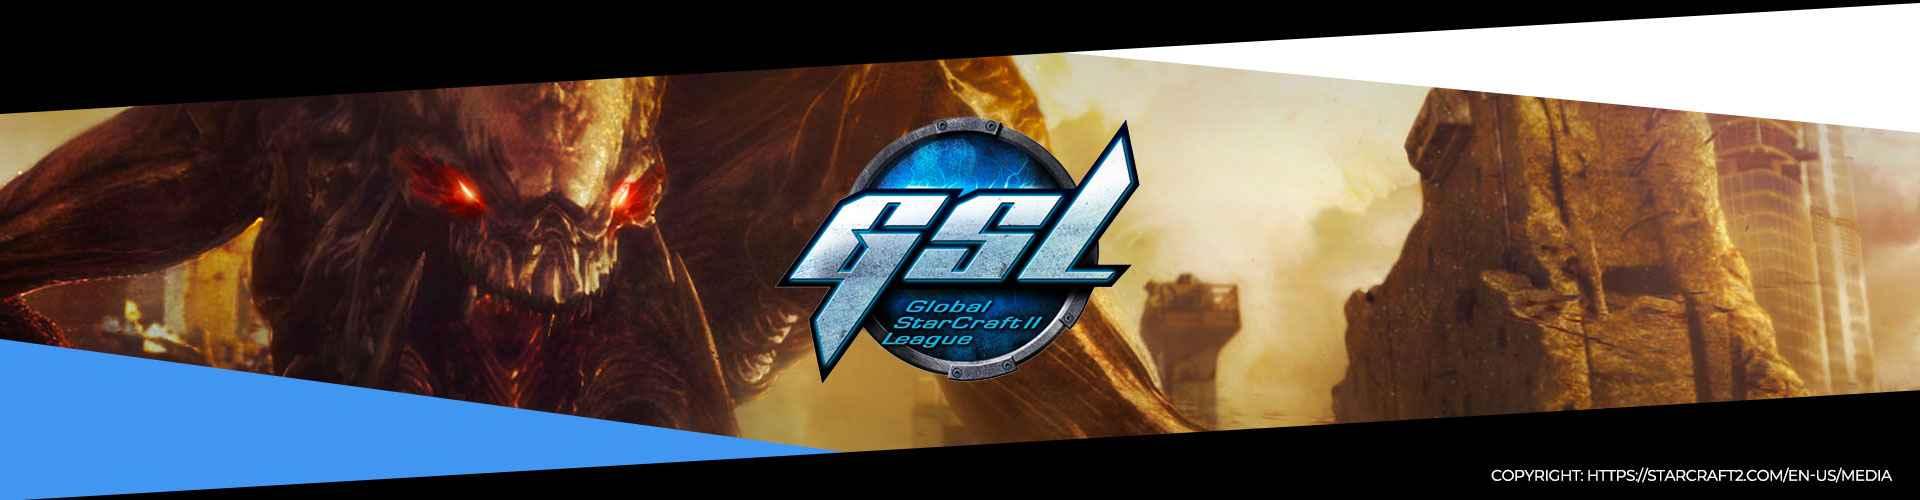 Eventsida för GSL Code S Säsong 2 för StarCraft 2.